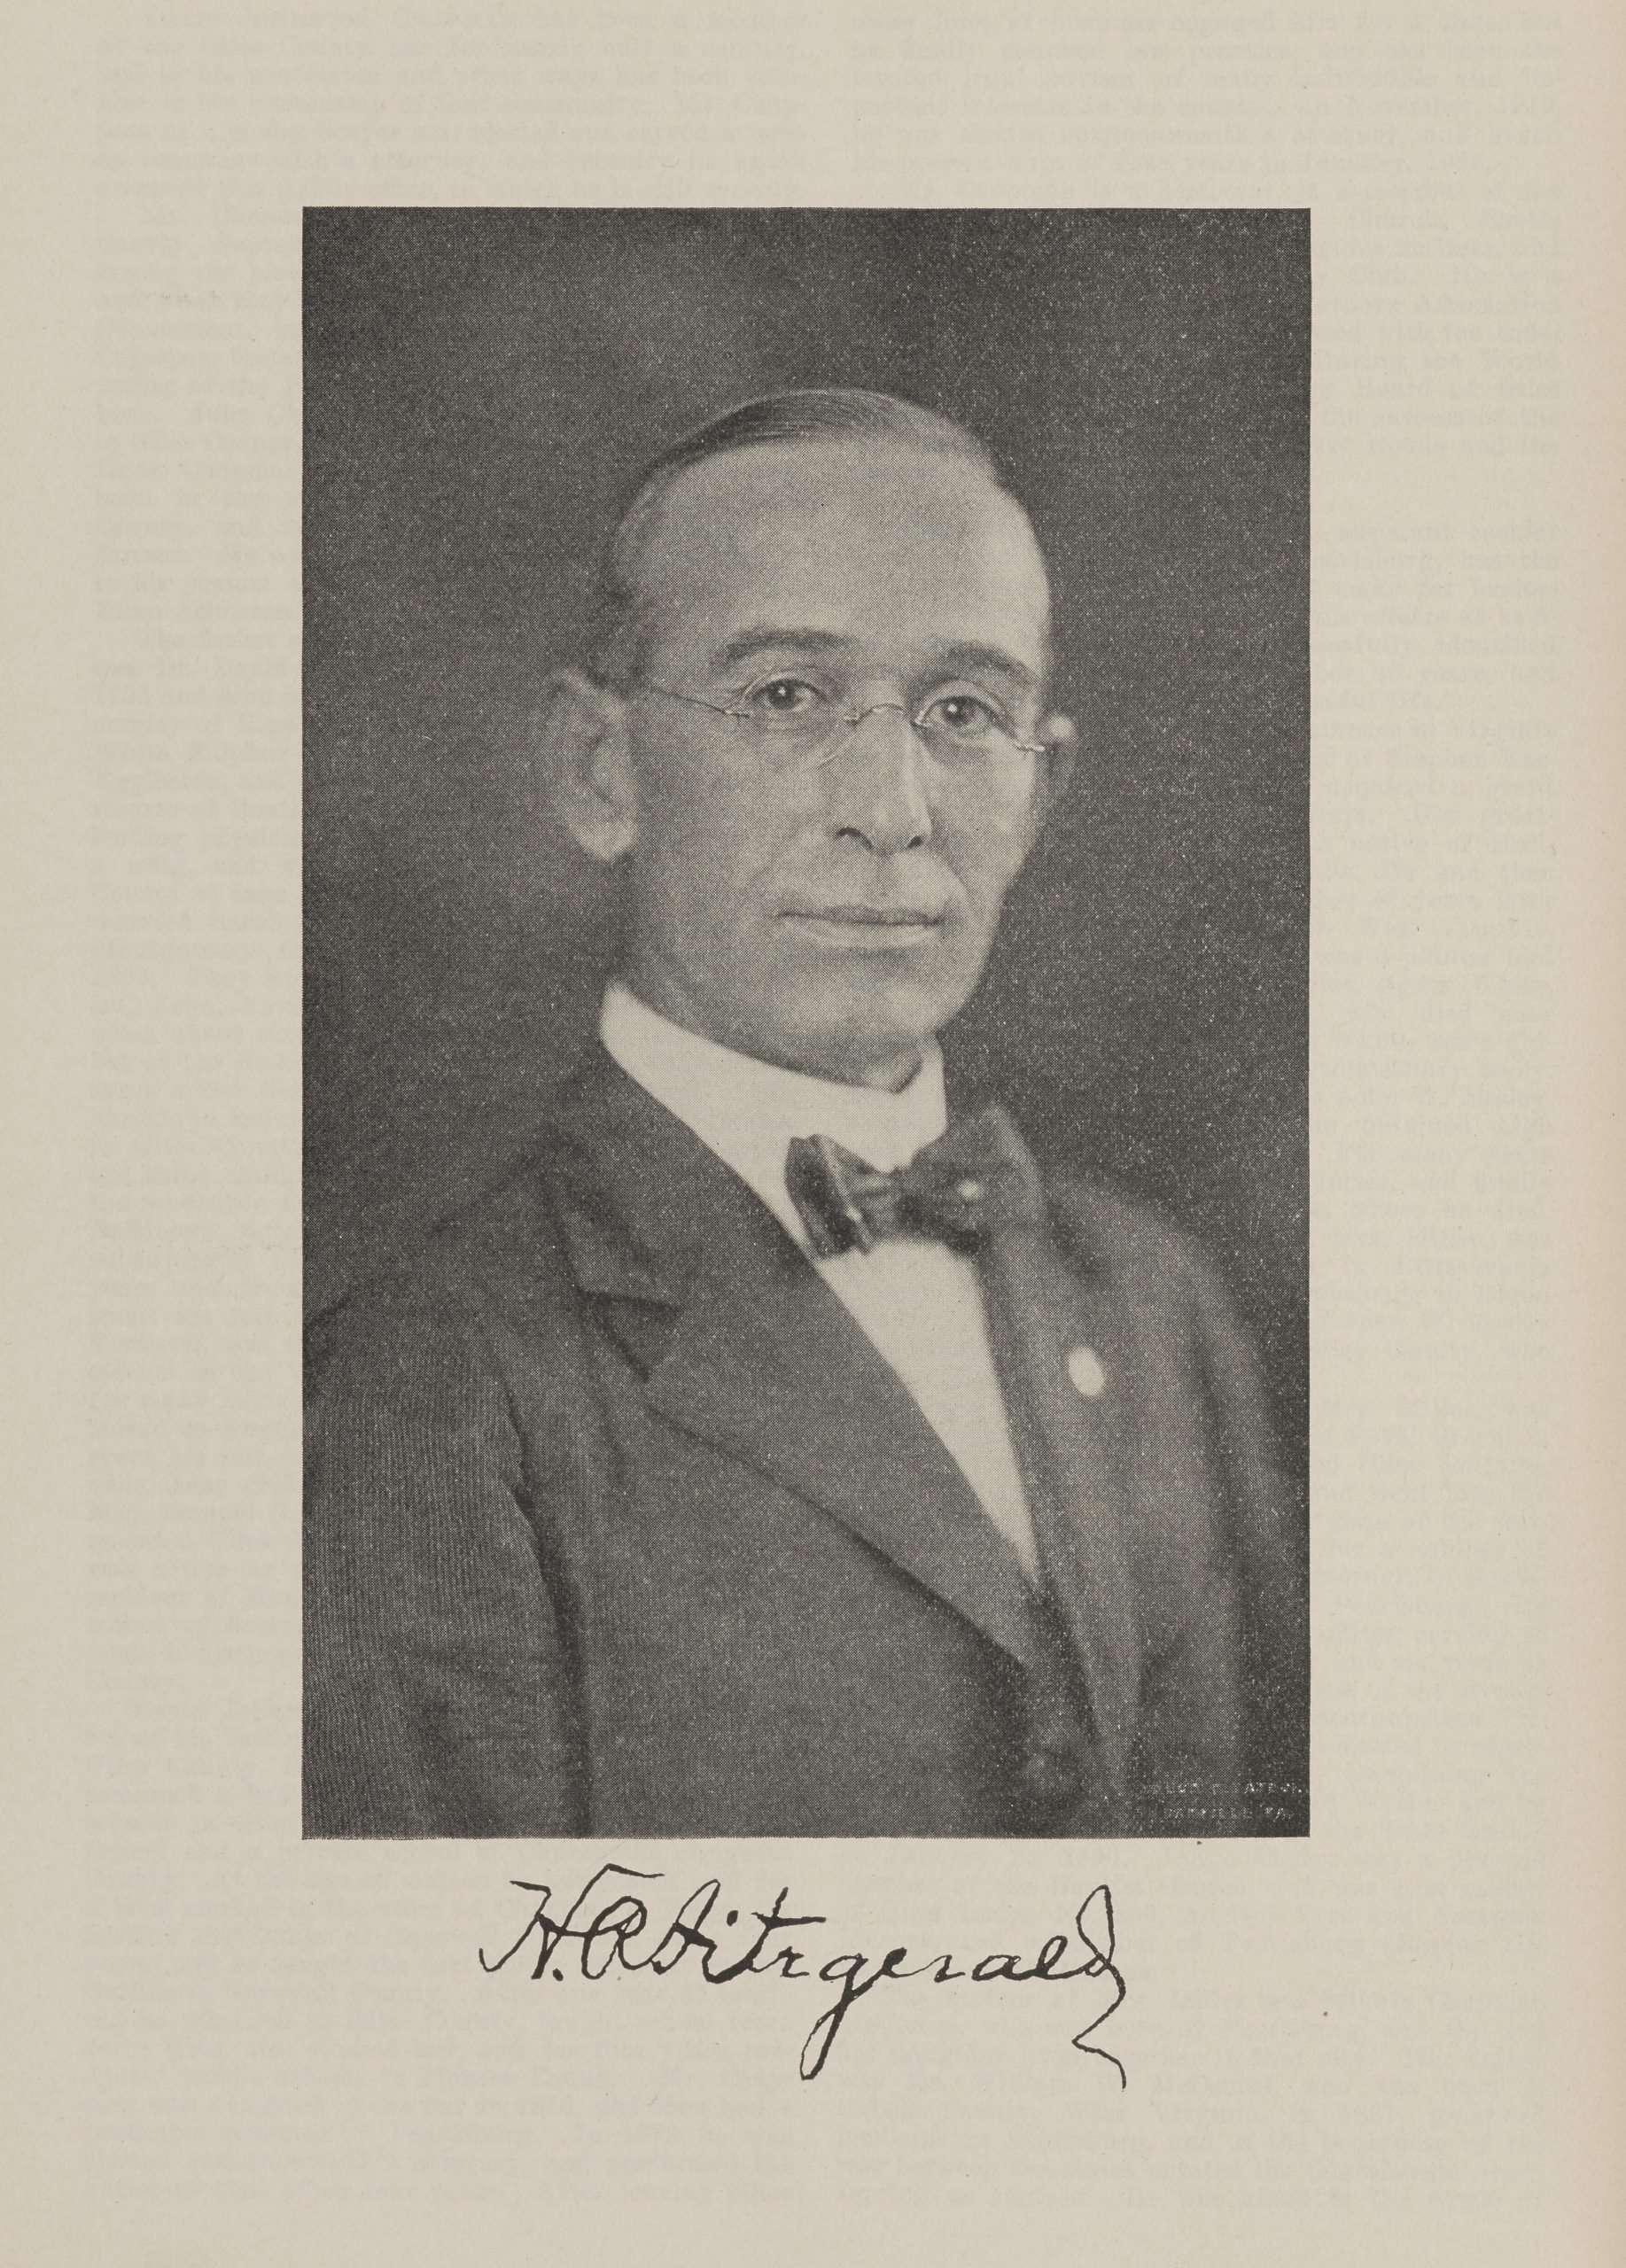 H. R. Fitzgerald